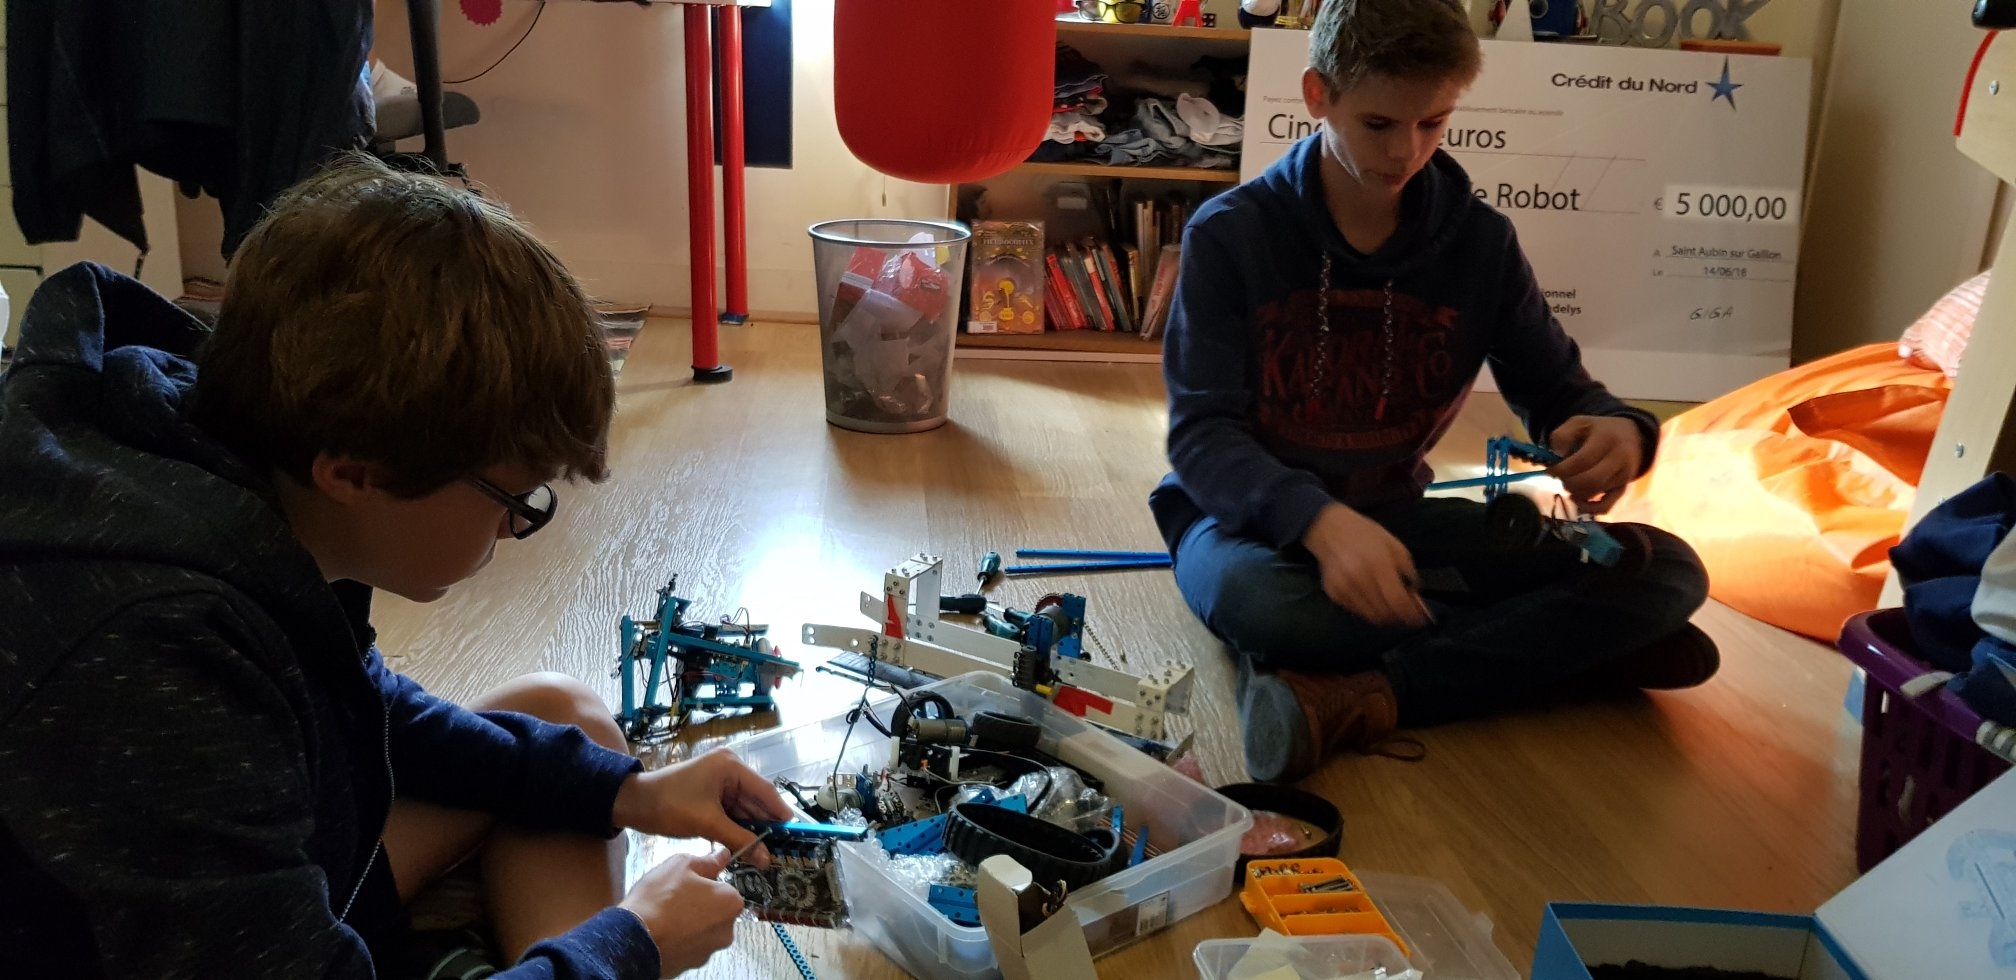 Prototype de robot autonome